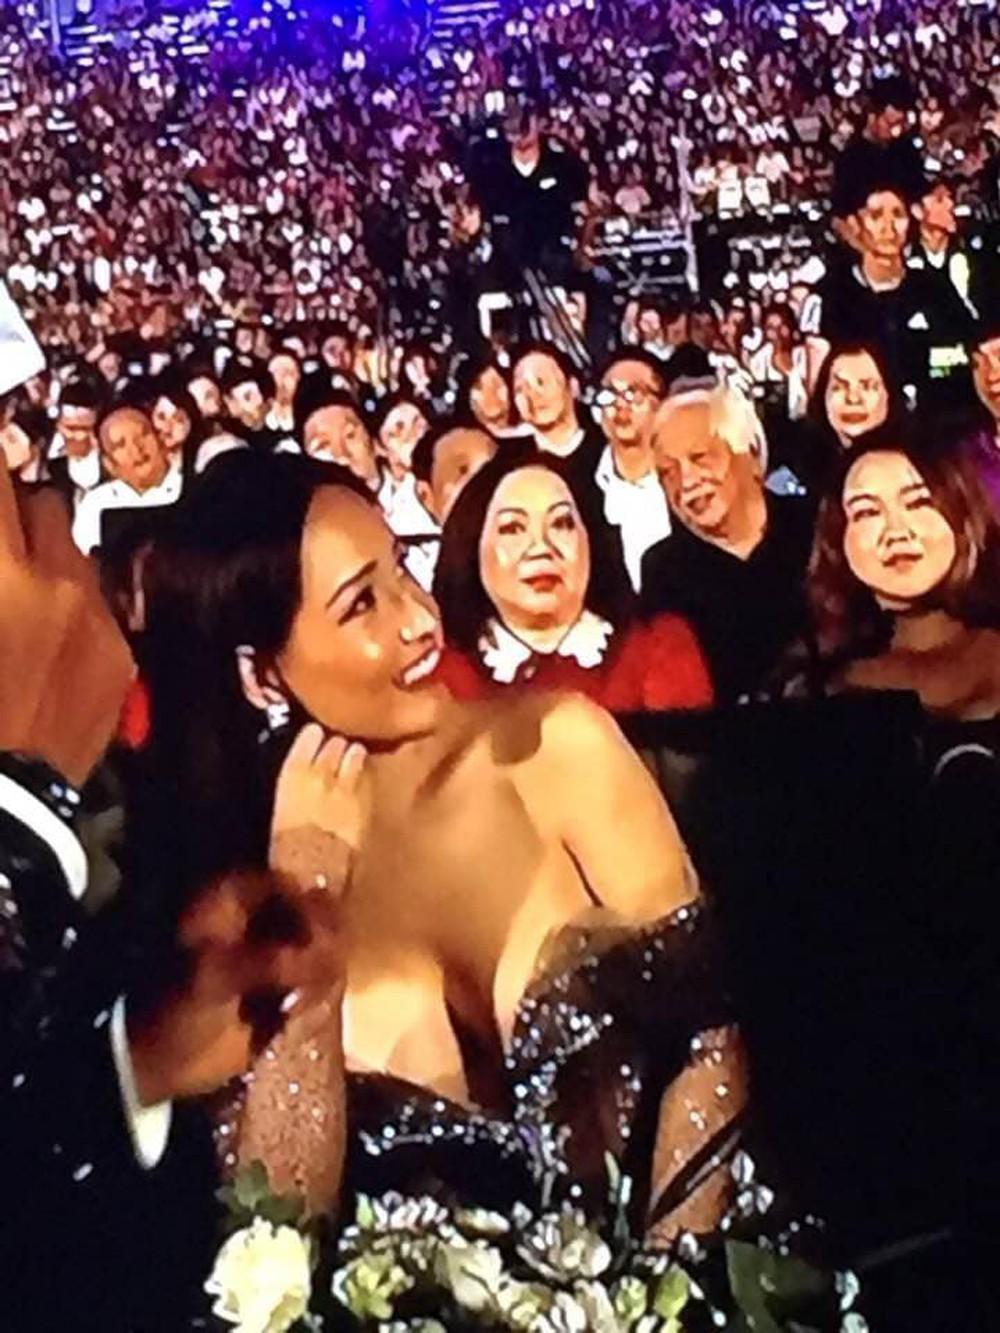 Mai Phương Thúy bị bàn tán vì khoảnh khắc gợi cảm tại Hoa hậu Thế giới Việt Nam 2019 - Ảnh 1.